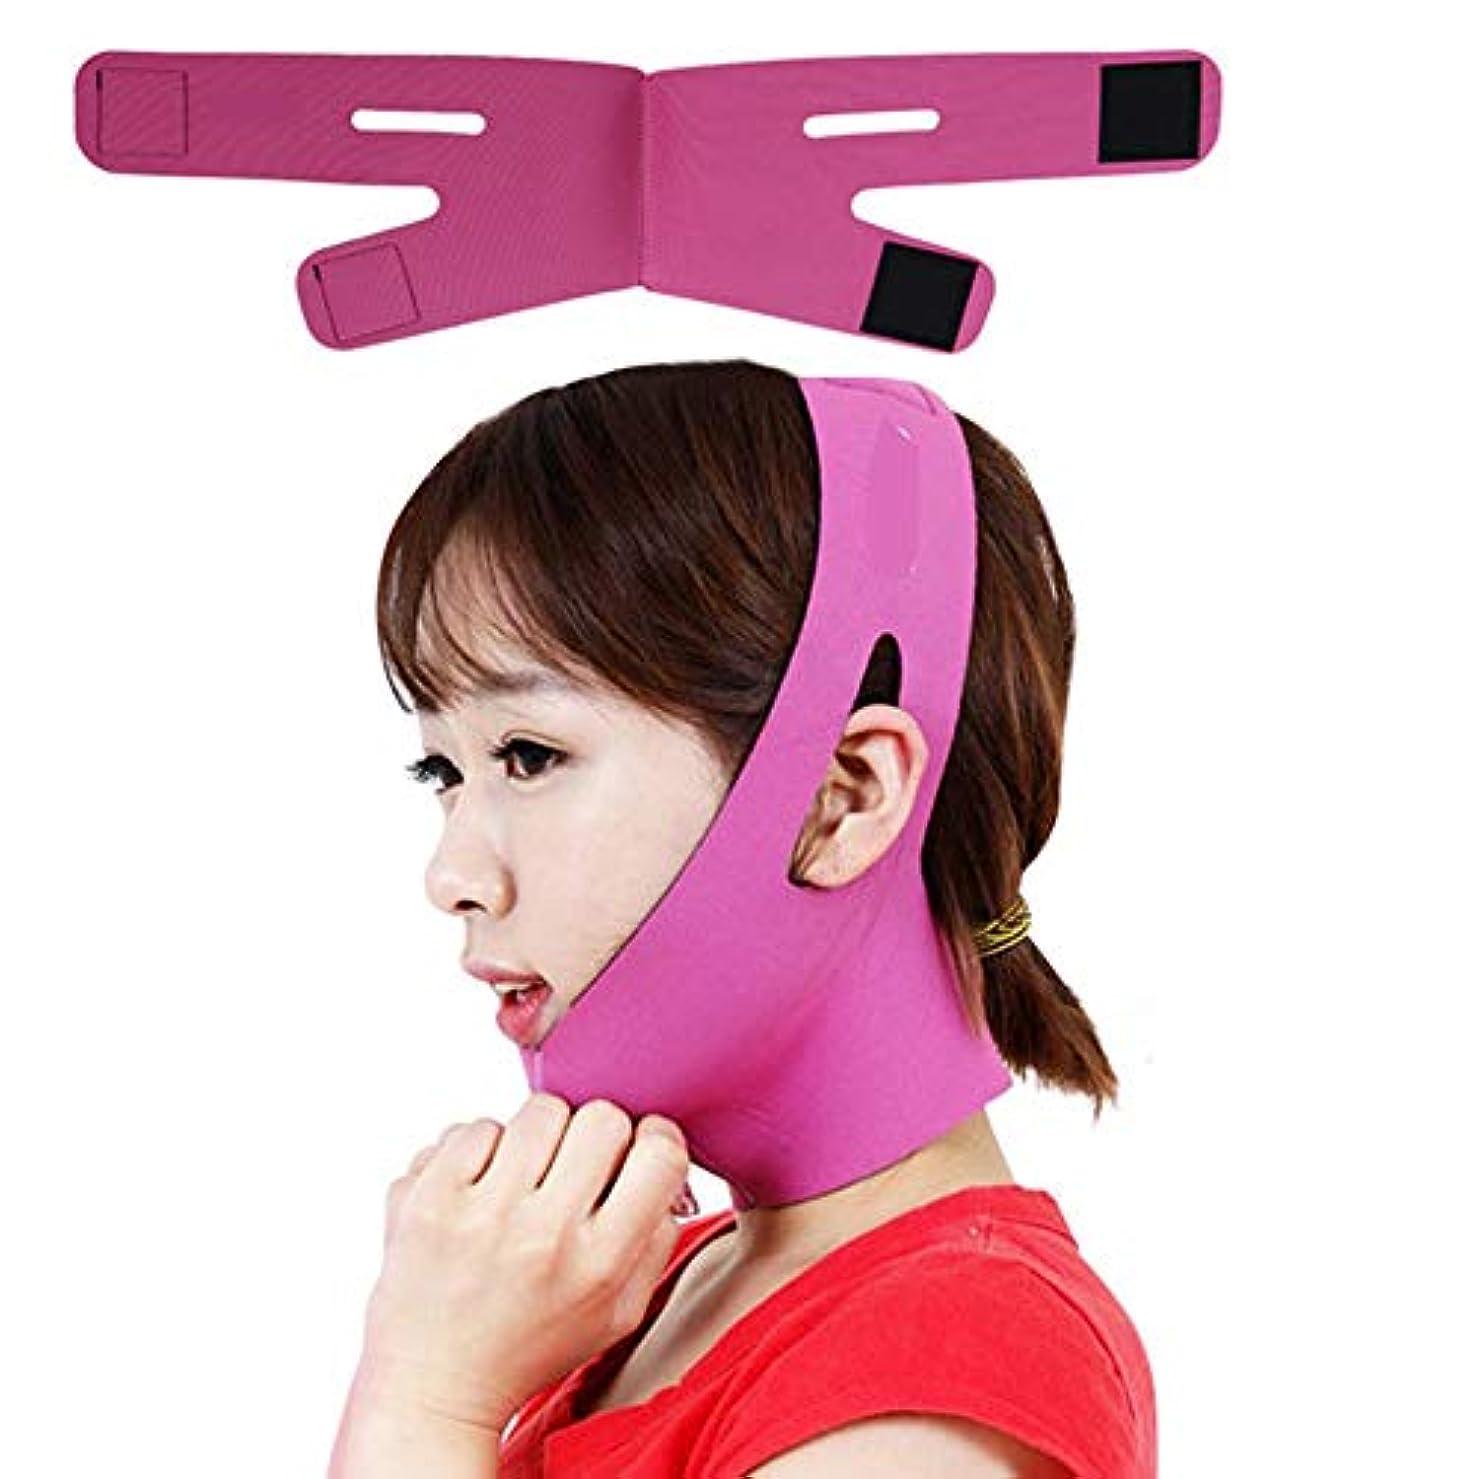 デコラティブバージン労働者フェイススリミングベルトは二重あごを取り除くため、薄い顔包帯はVラインフェイスシェイプを作成し、女性と女の子のためのチンチークリフトアップアンチリンクルフェイス